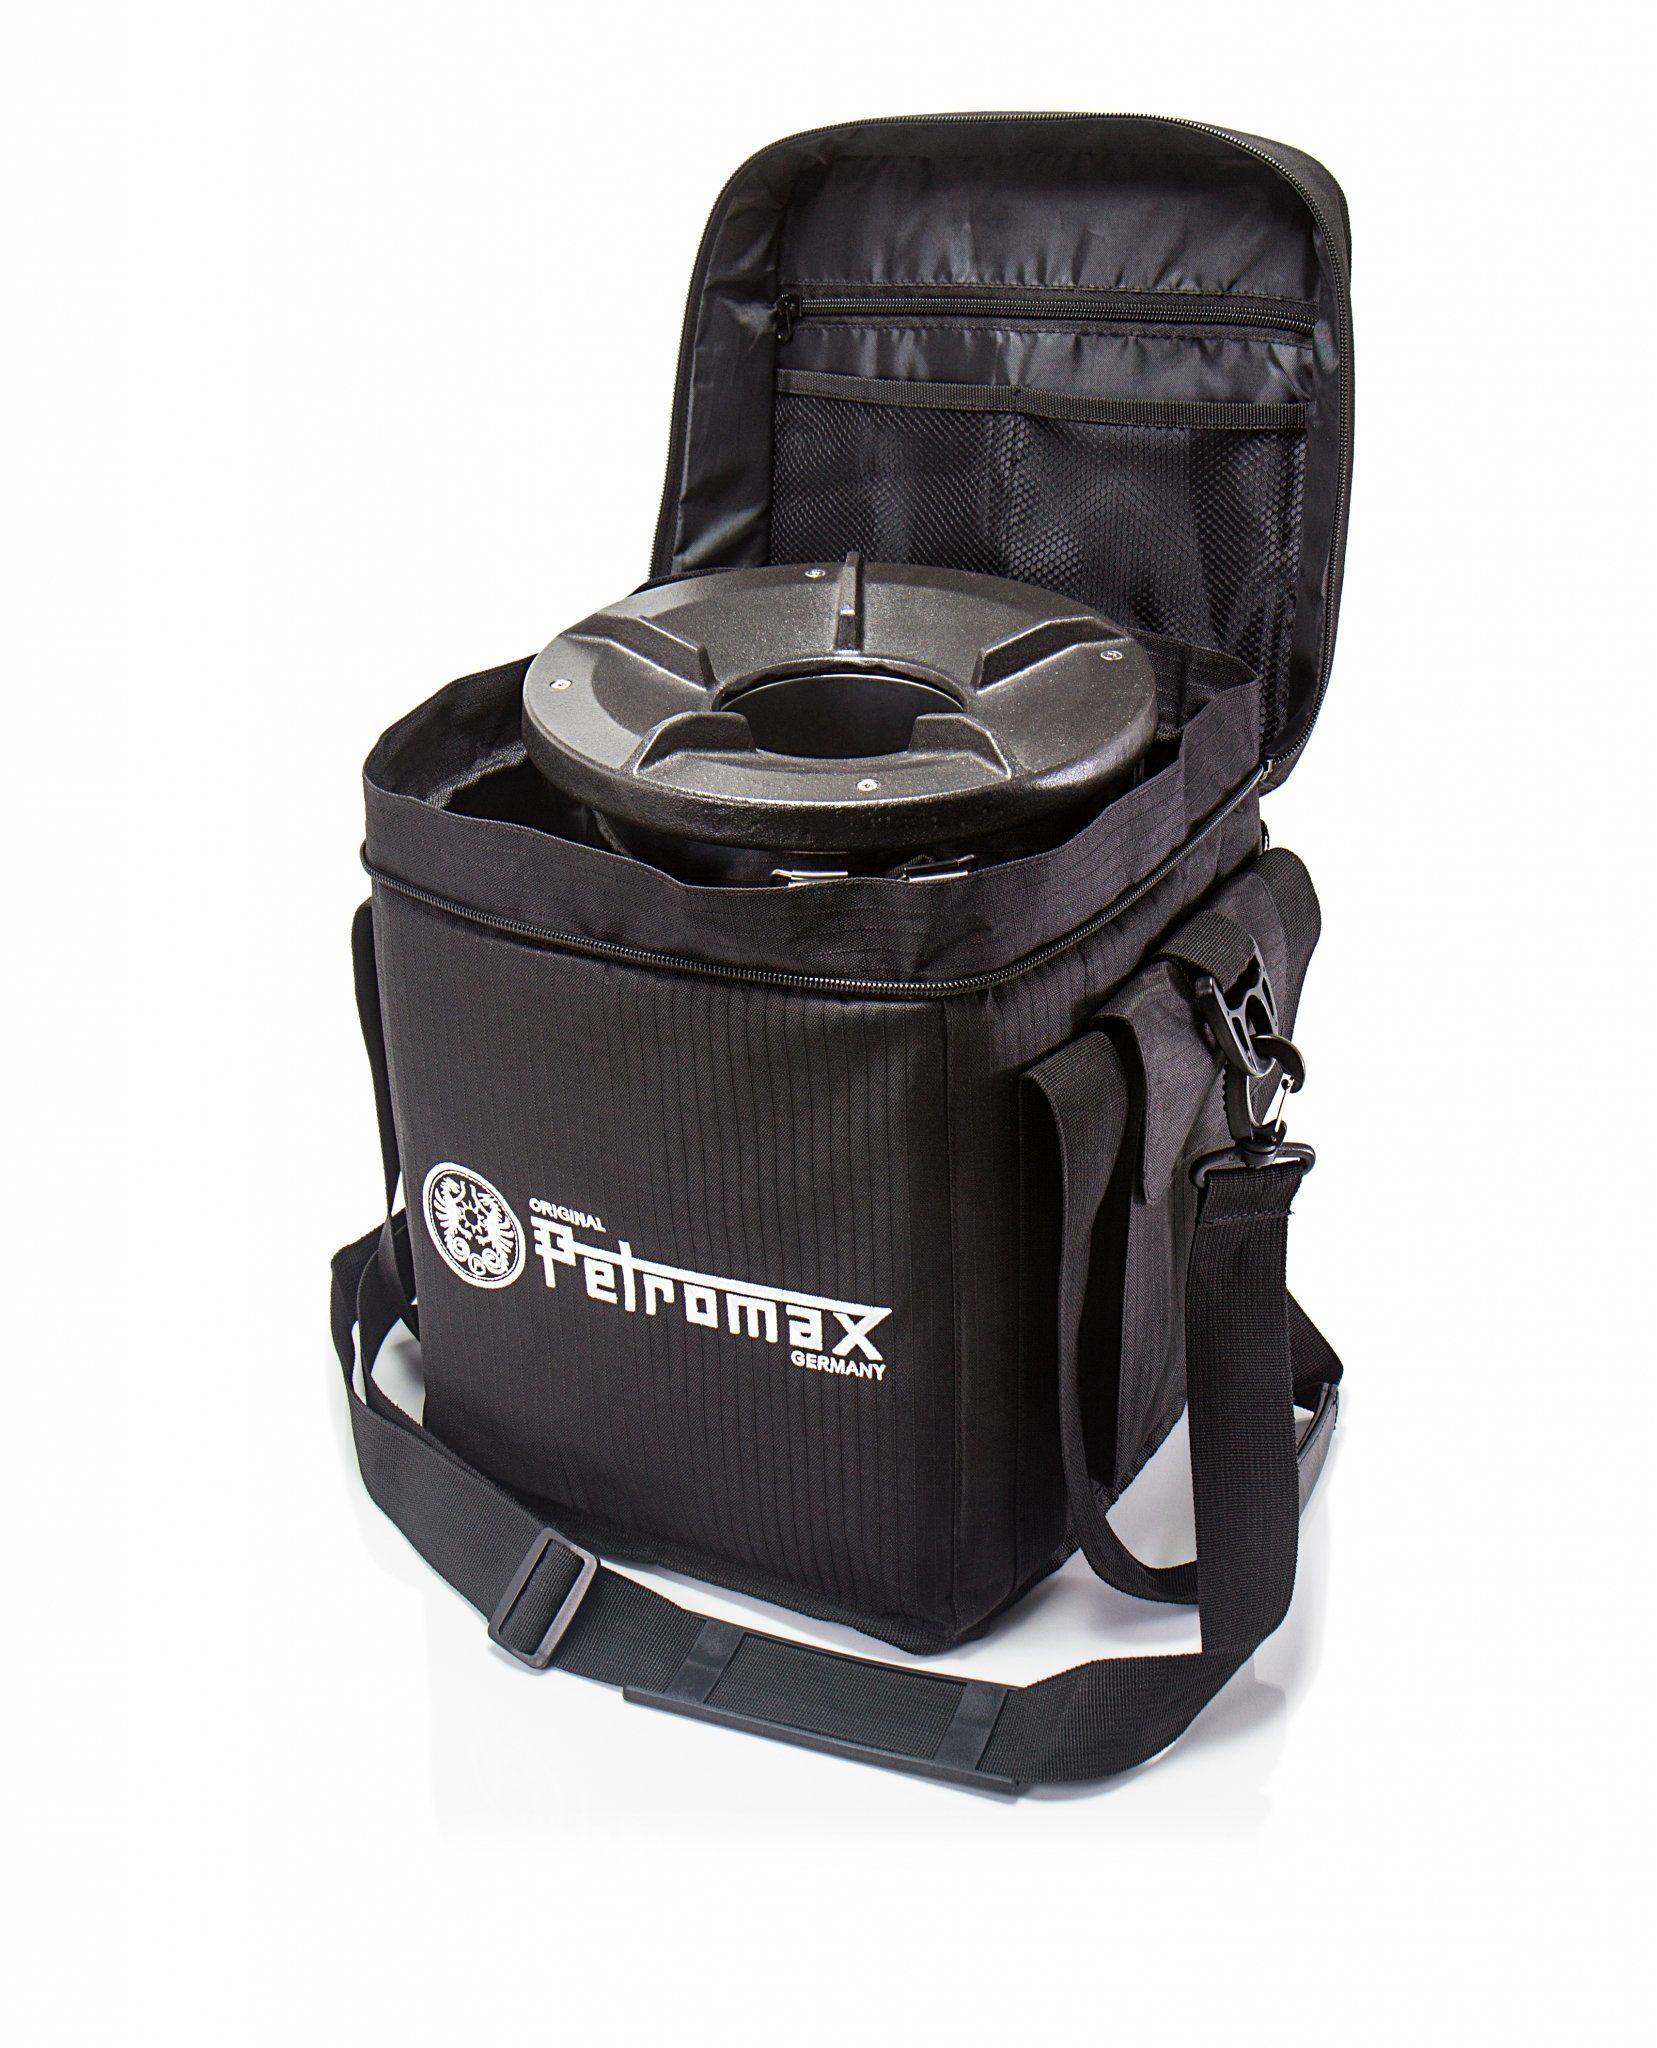 Petromax Camping-Kocher »Tasche für Raketenofen«